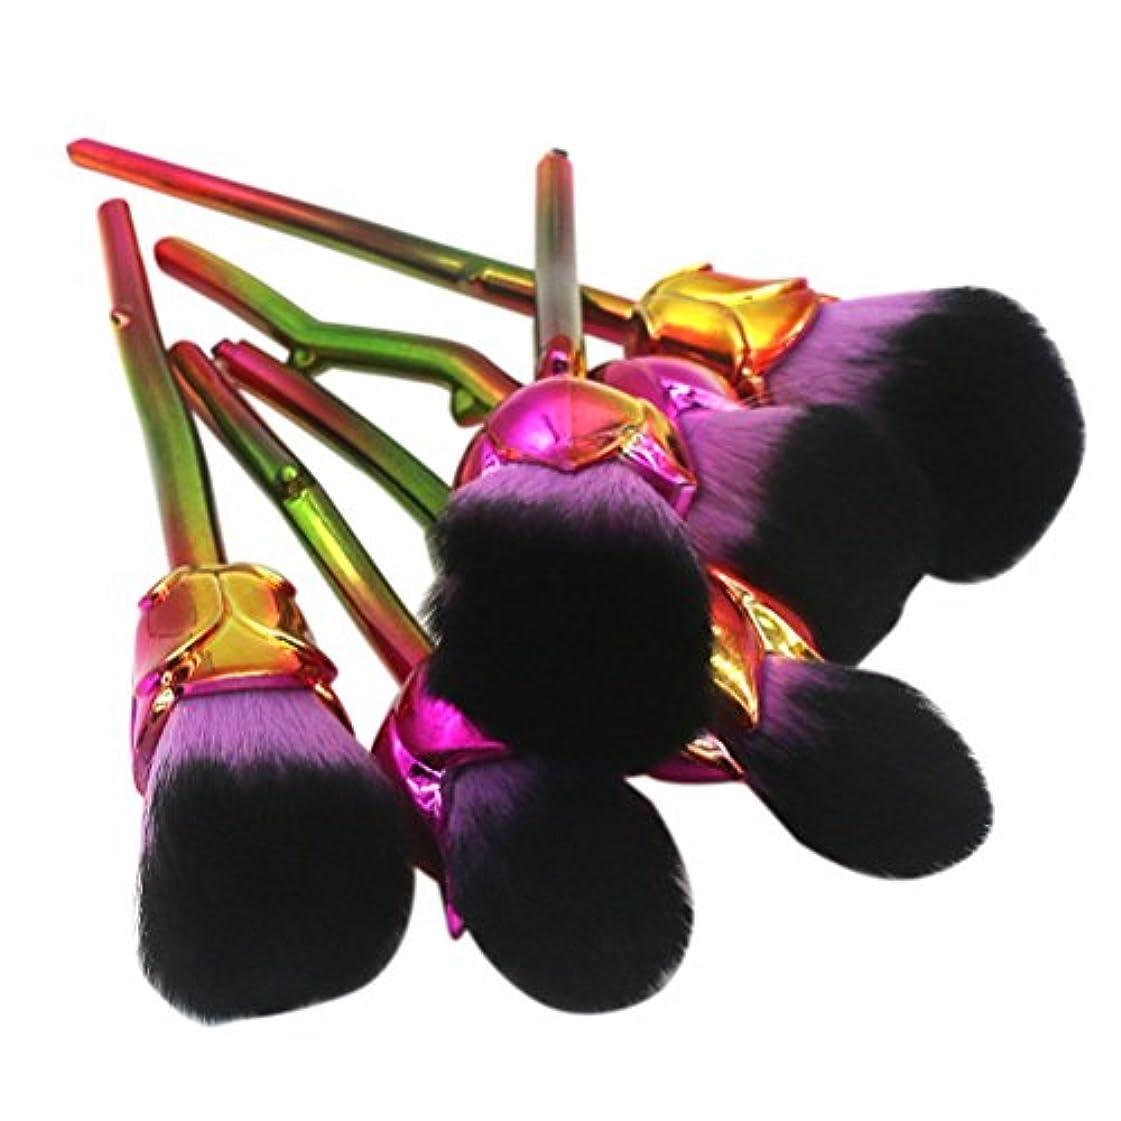 人里離れたラップトップトレッドディラビューティー(Dilla Beauty) メイクブラシ 薔薇 メイクブラシセット 人気 ファンデーションブラシ 化粧筆 可愛い 化粧ブラシ セット パウダーブラシ フェイスブラシ ローズ メイクブラシ 6本セット ケース付き (パープル)